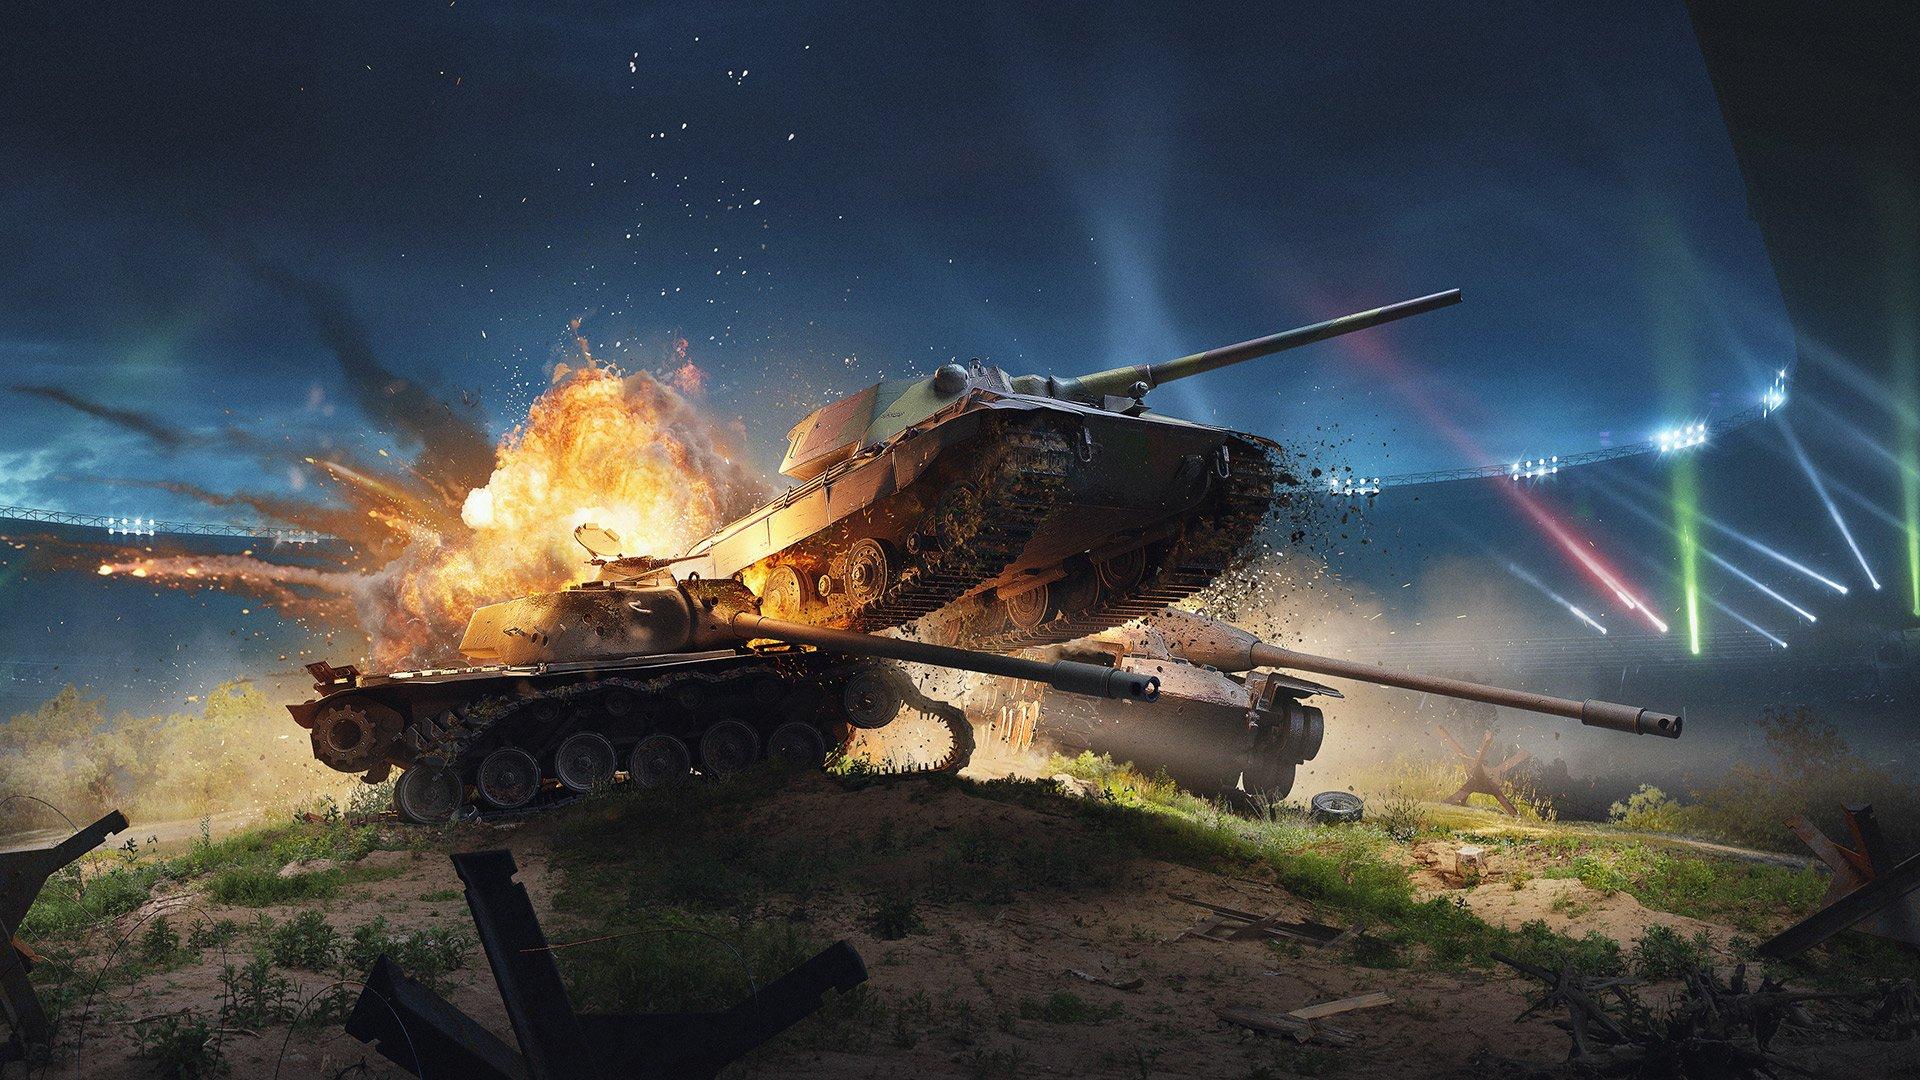 Стратегия продвижения бренда через киберспорт на примере кейсов от World of Tanks